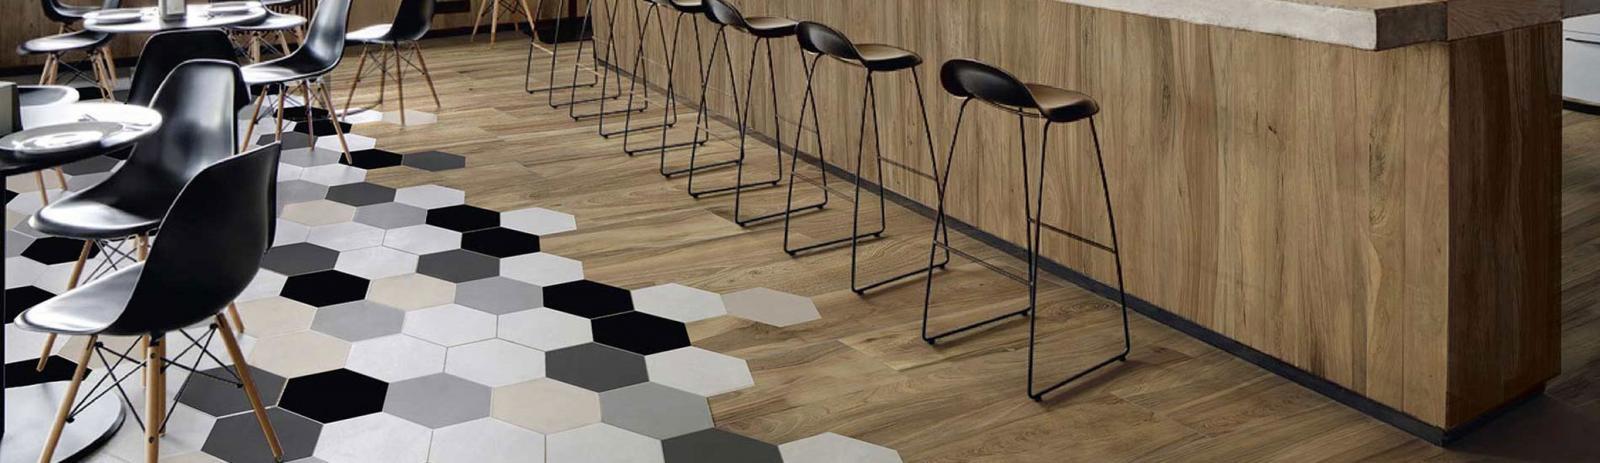 banner-hexa-hexagon-floor-wall-tile-itt-saniceramica-spanish